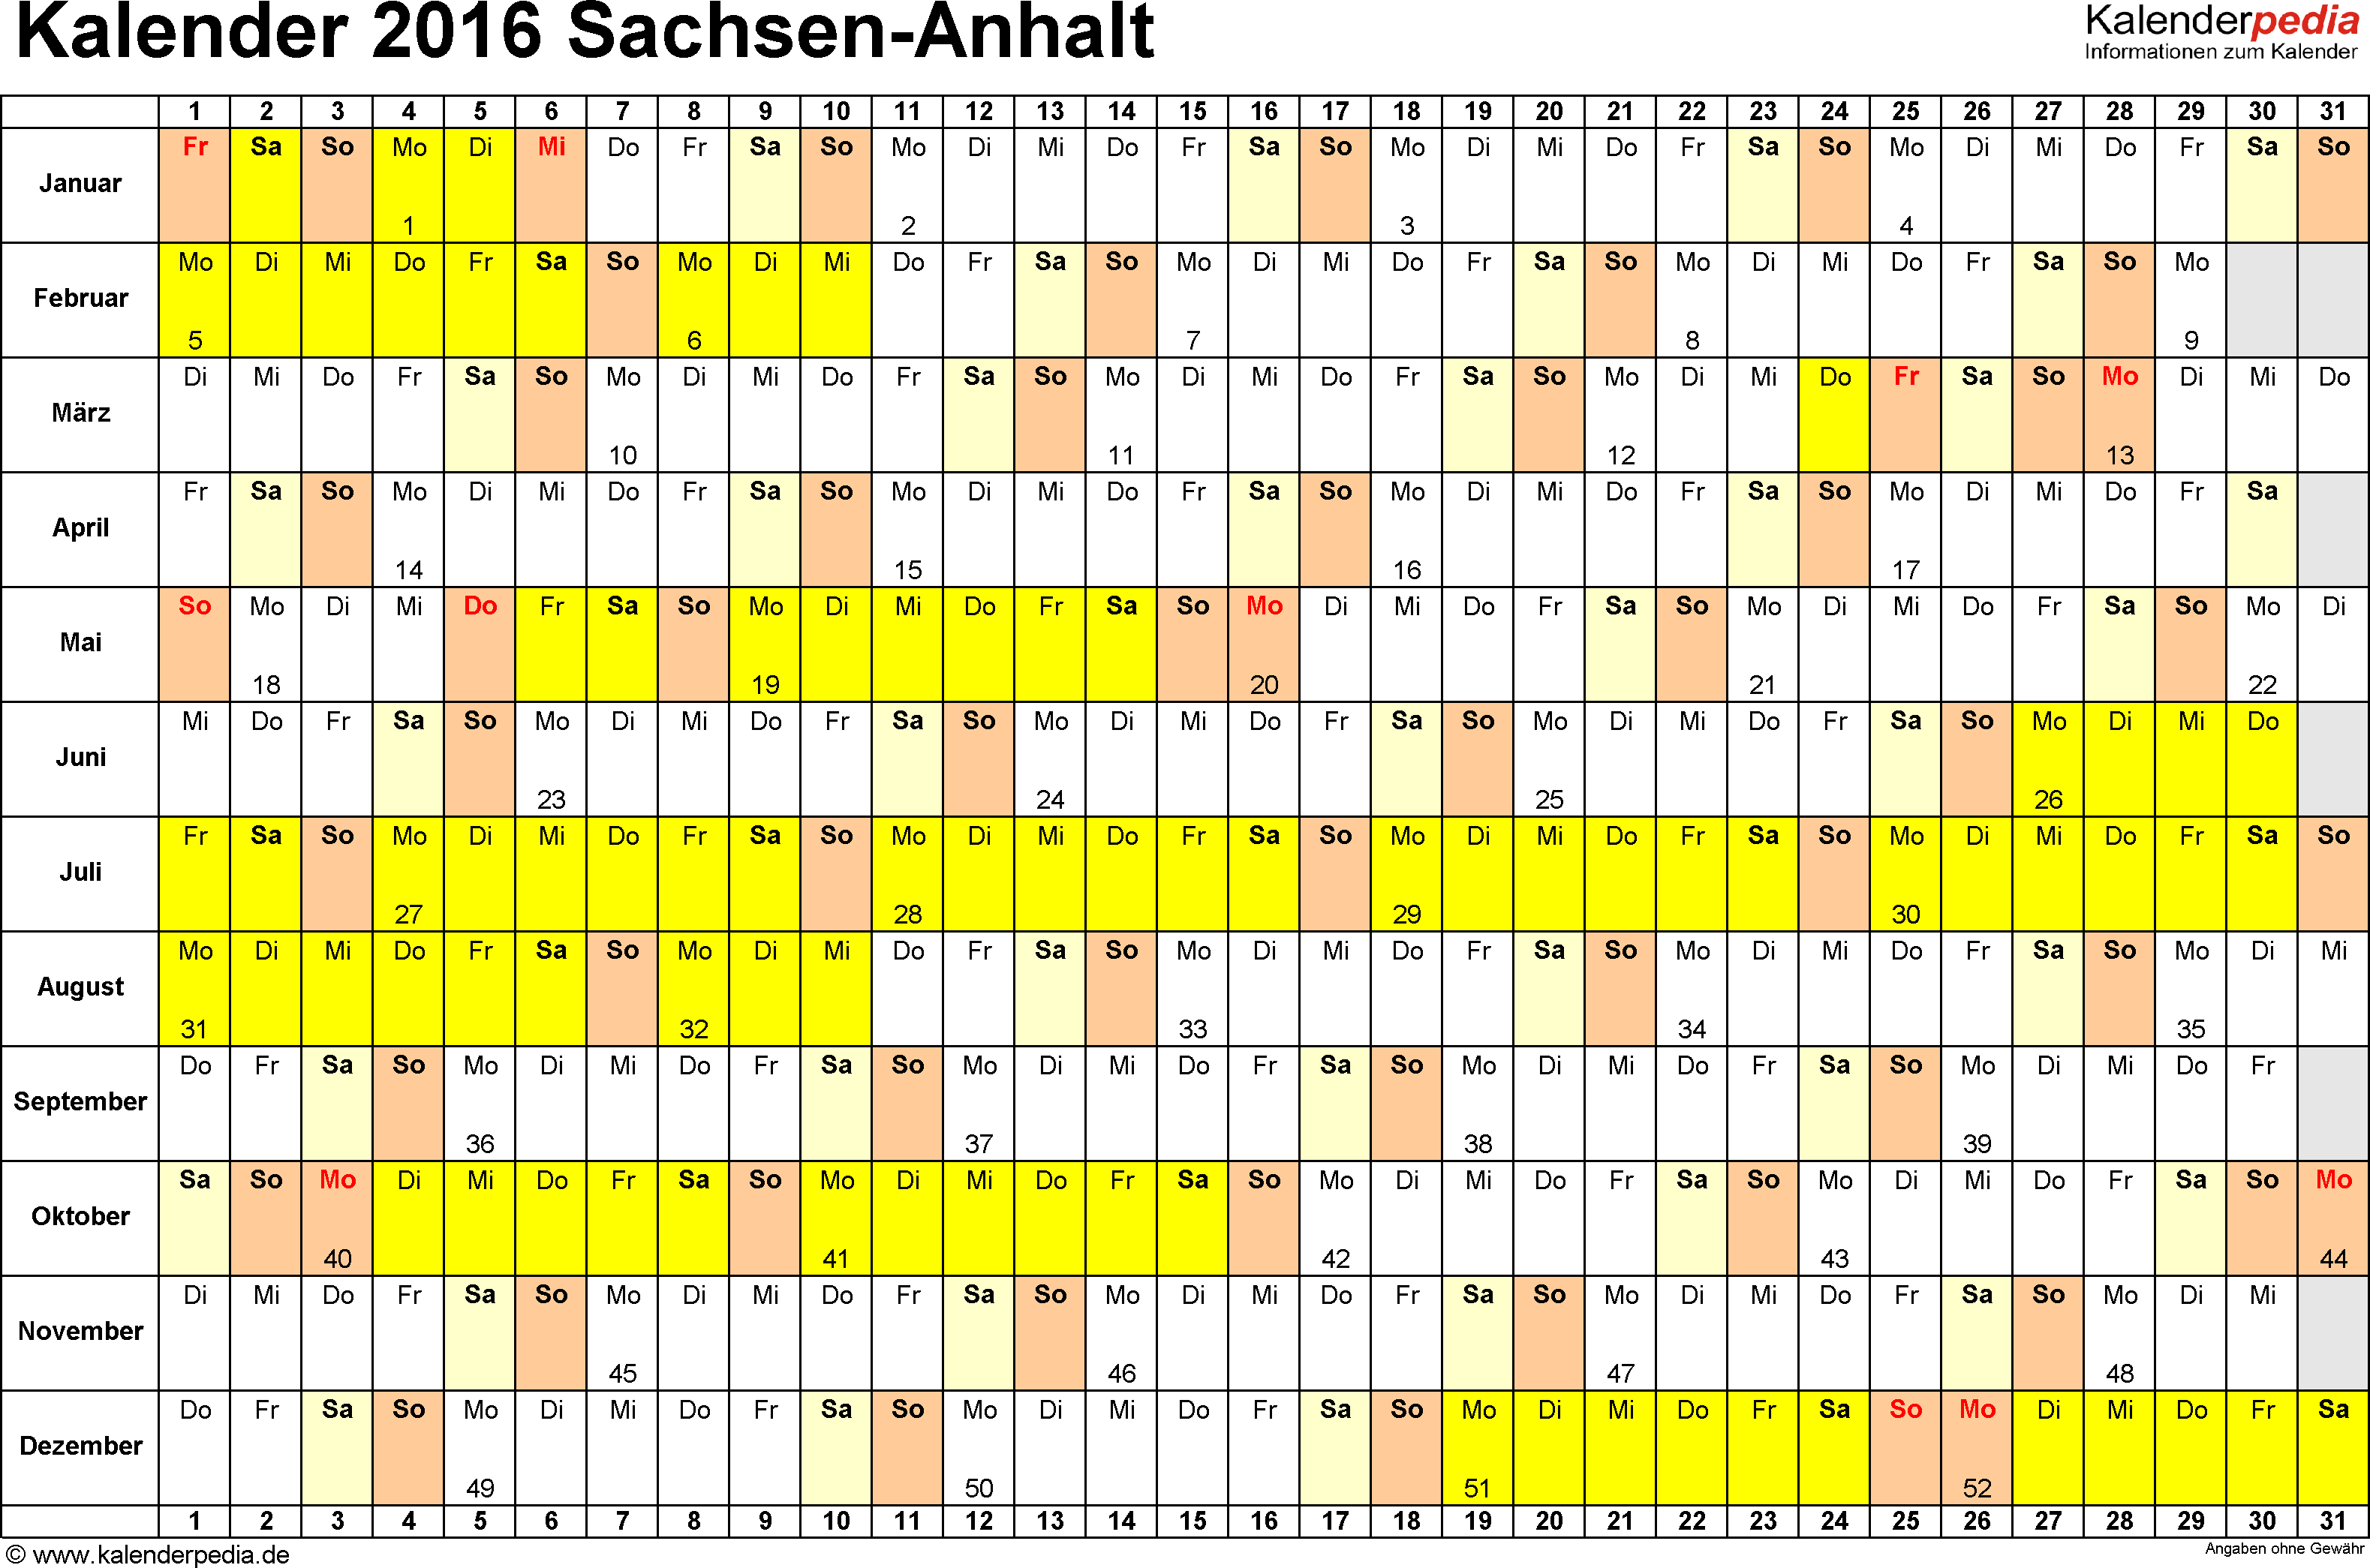 Vorlage 2: Kalender Sachsen-Anhalt 2016 im Querformat, Tage nebeneinander